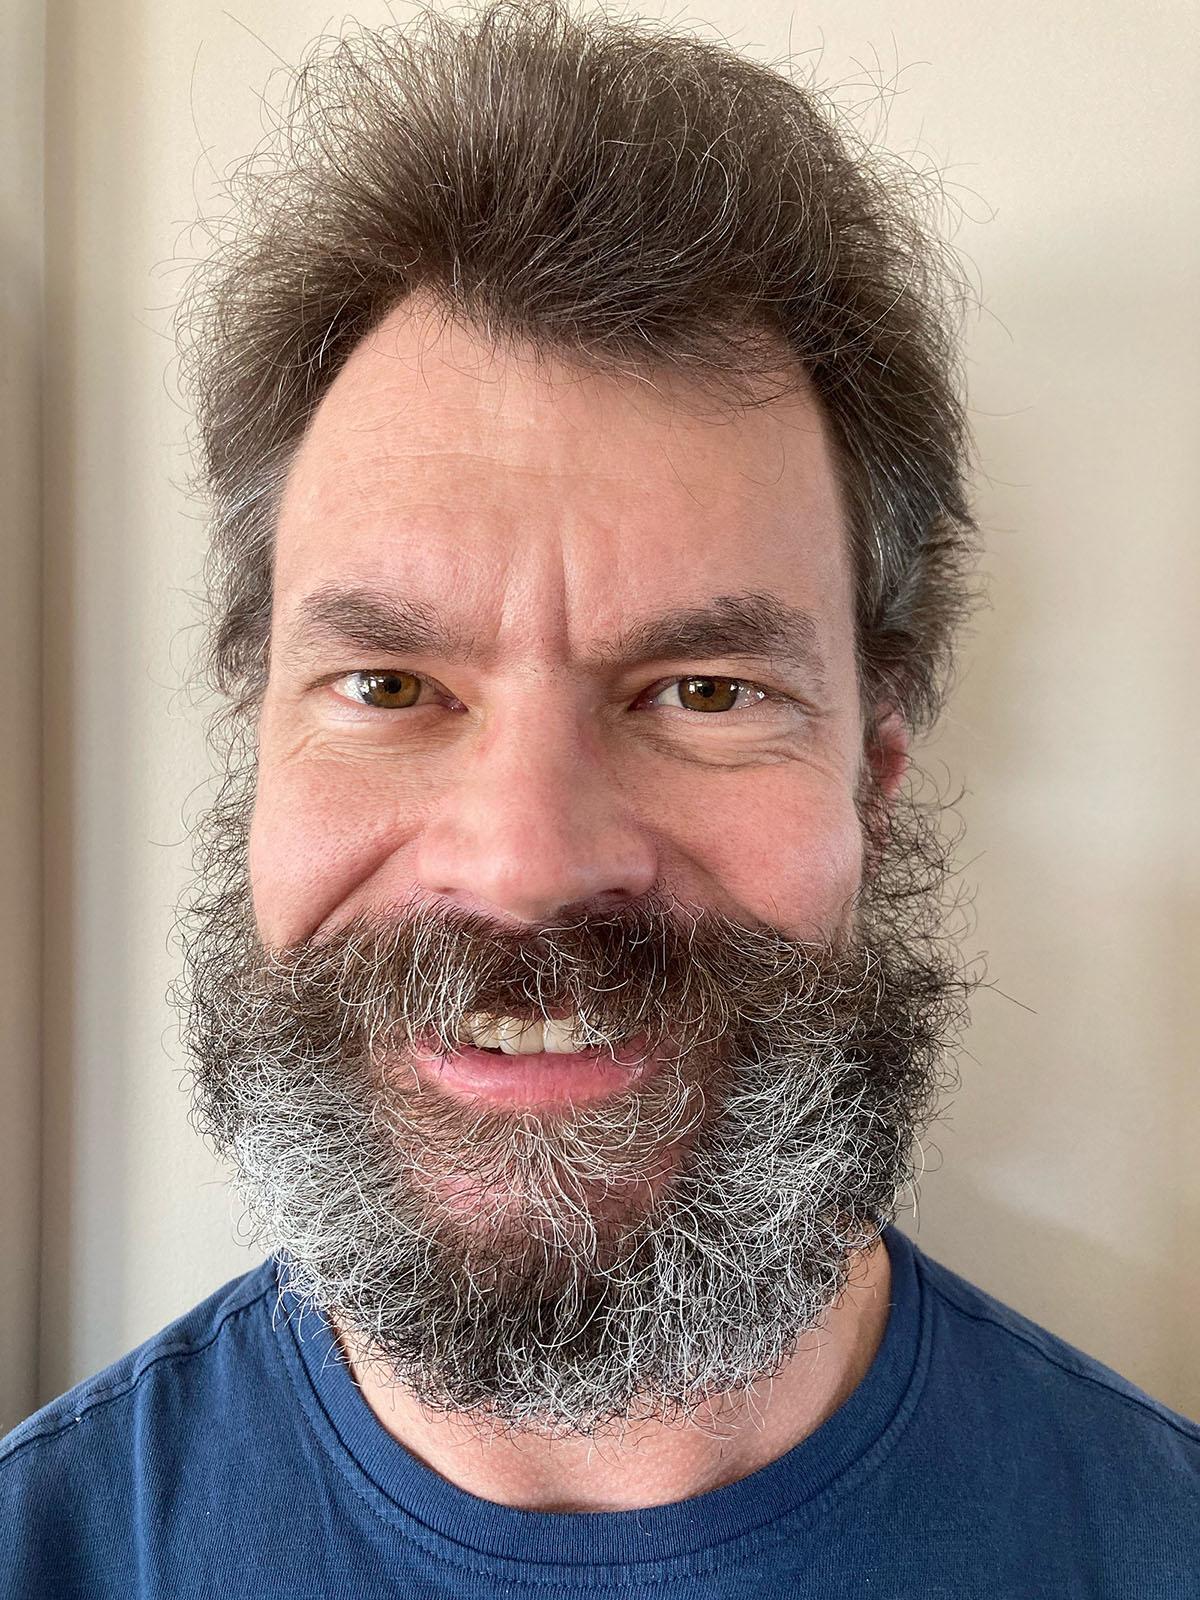 Faire Pousser Sa Barbe : faire, pousser, barbe, L'homme, Pouvait, Faire, Pousser, Barbe, S'est, Laissé, Tirer, Cheveux